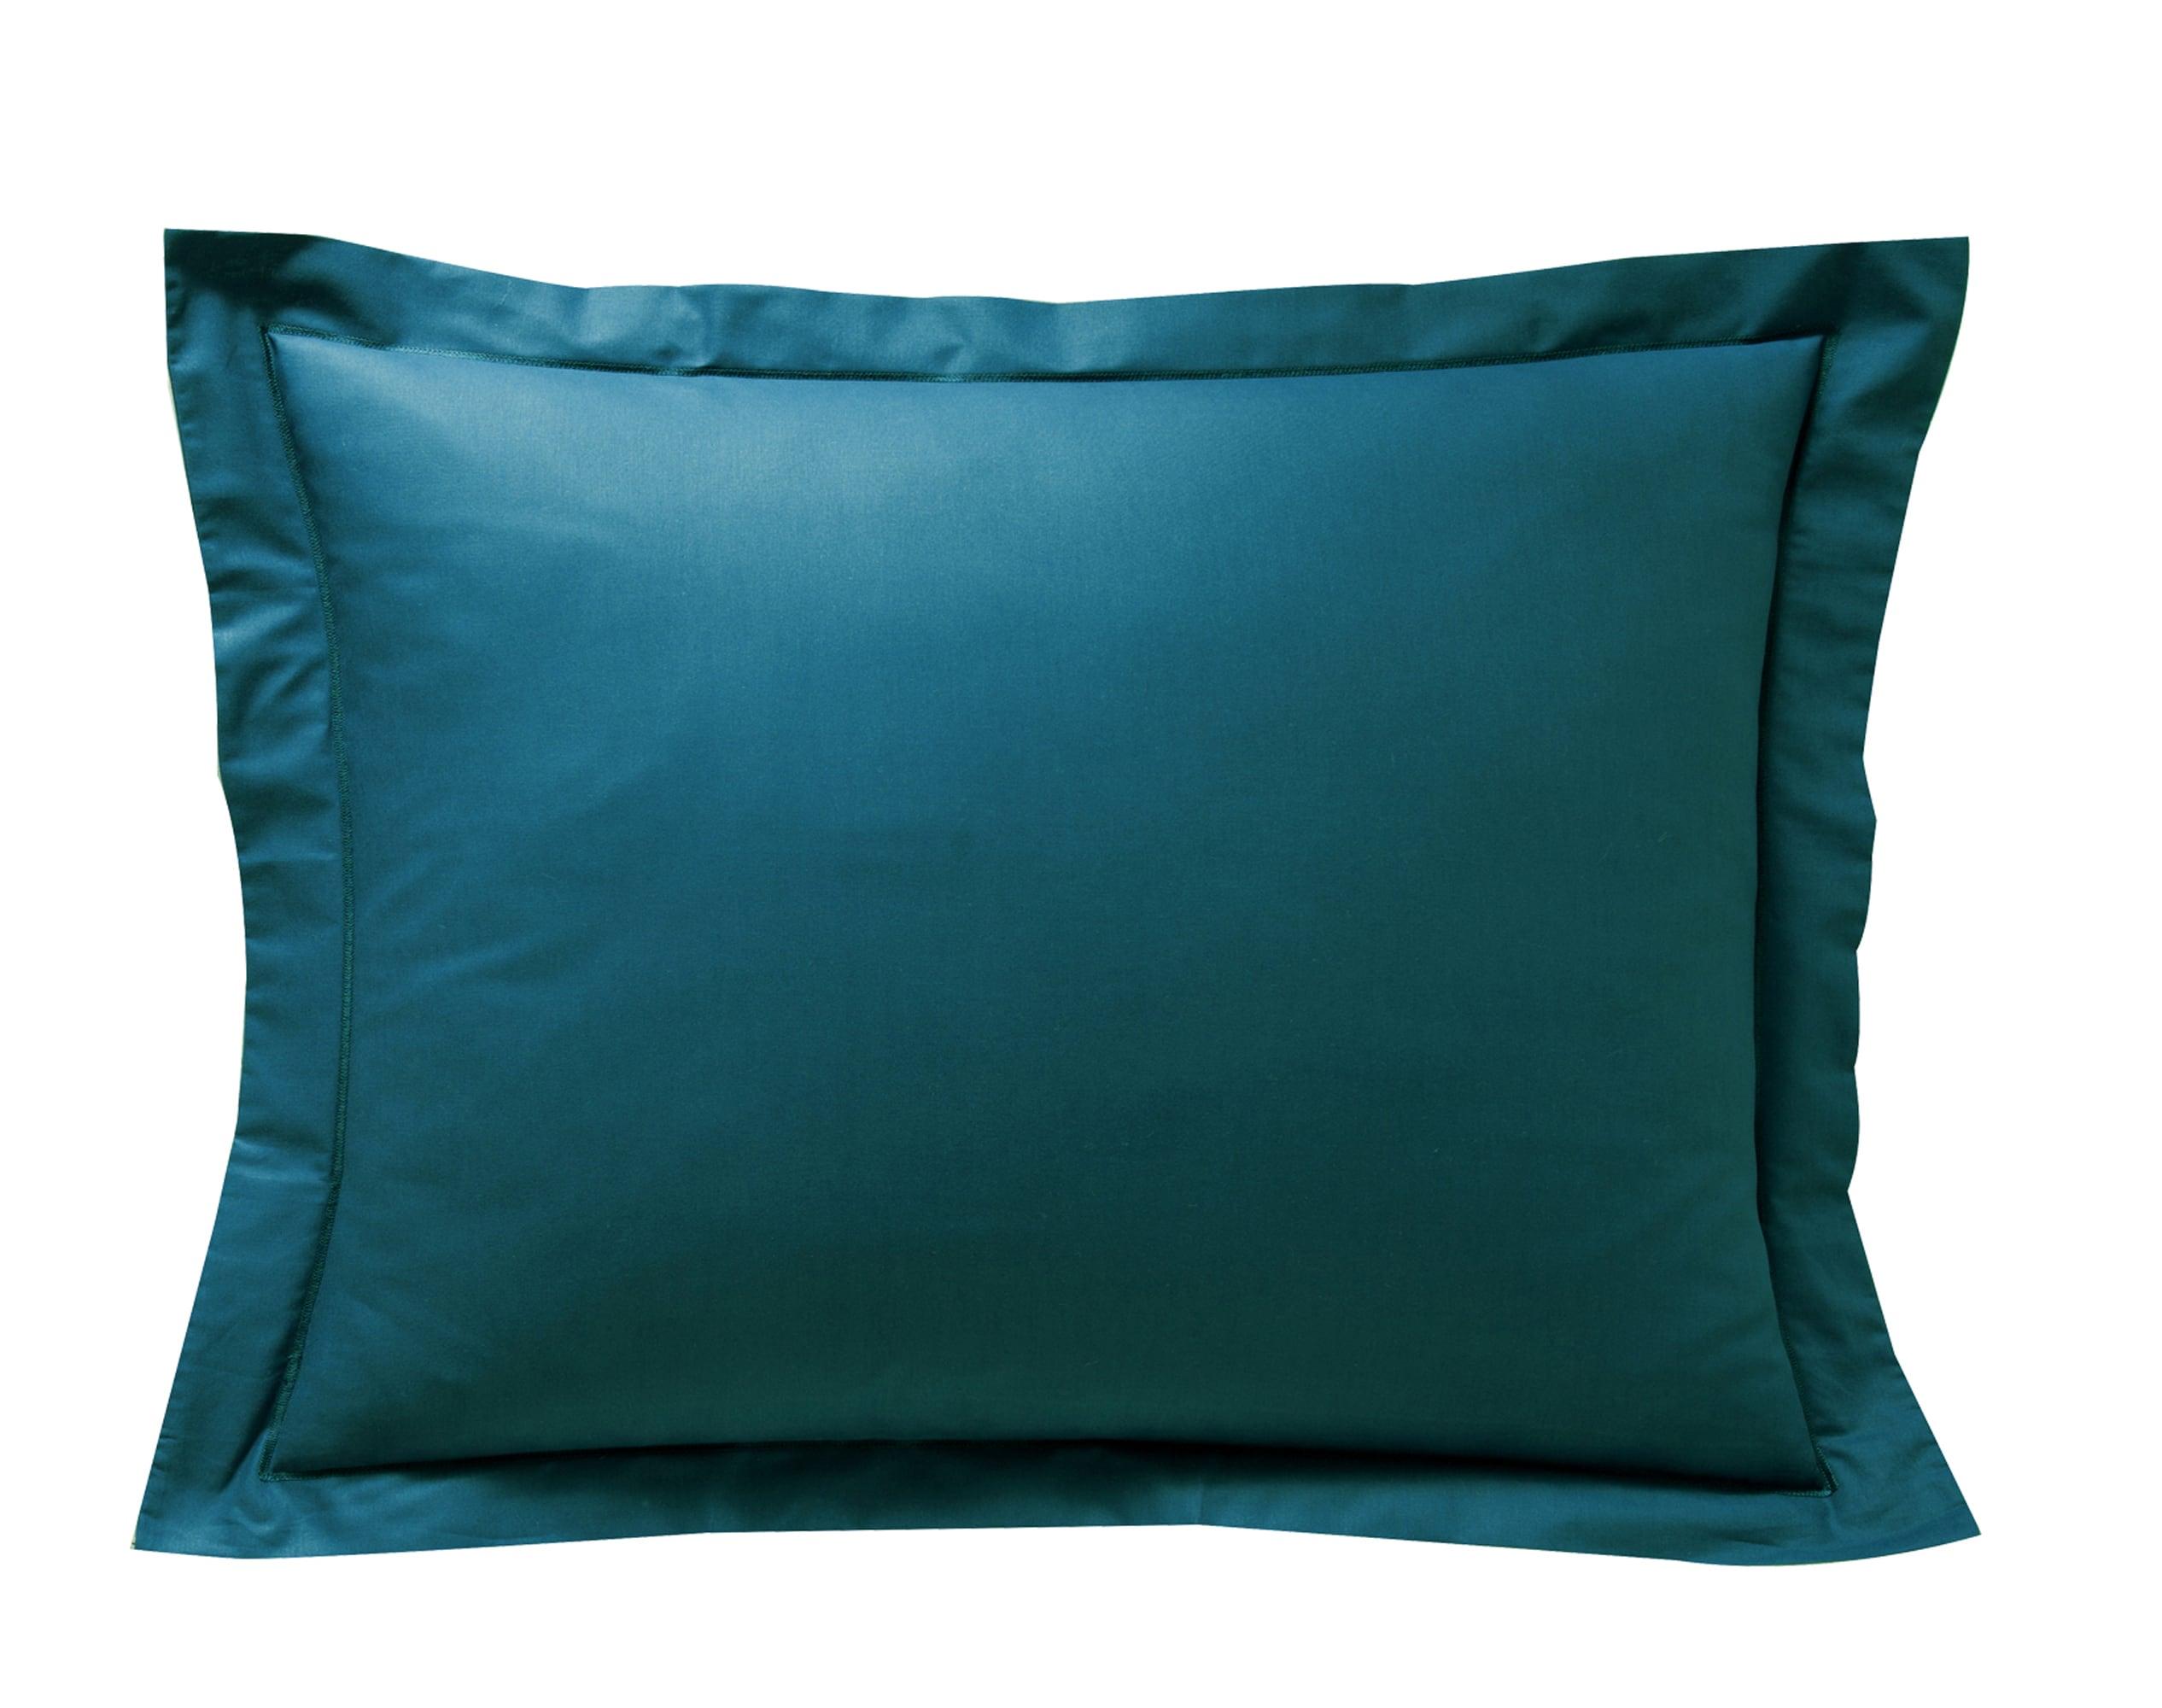 Taie d'oreiller 50x70 en percale de coton  bleu canard